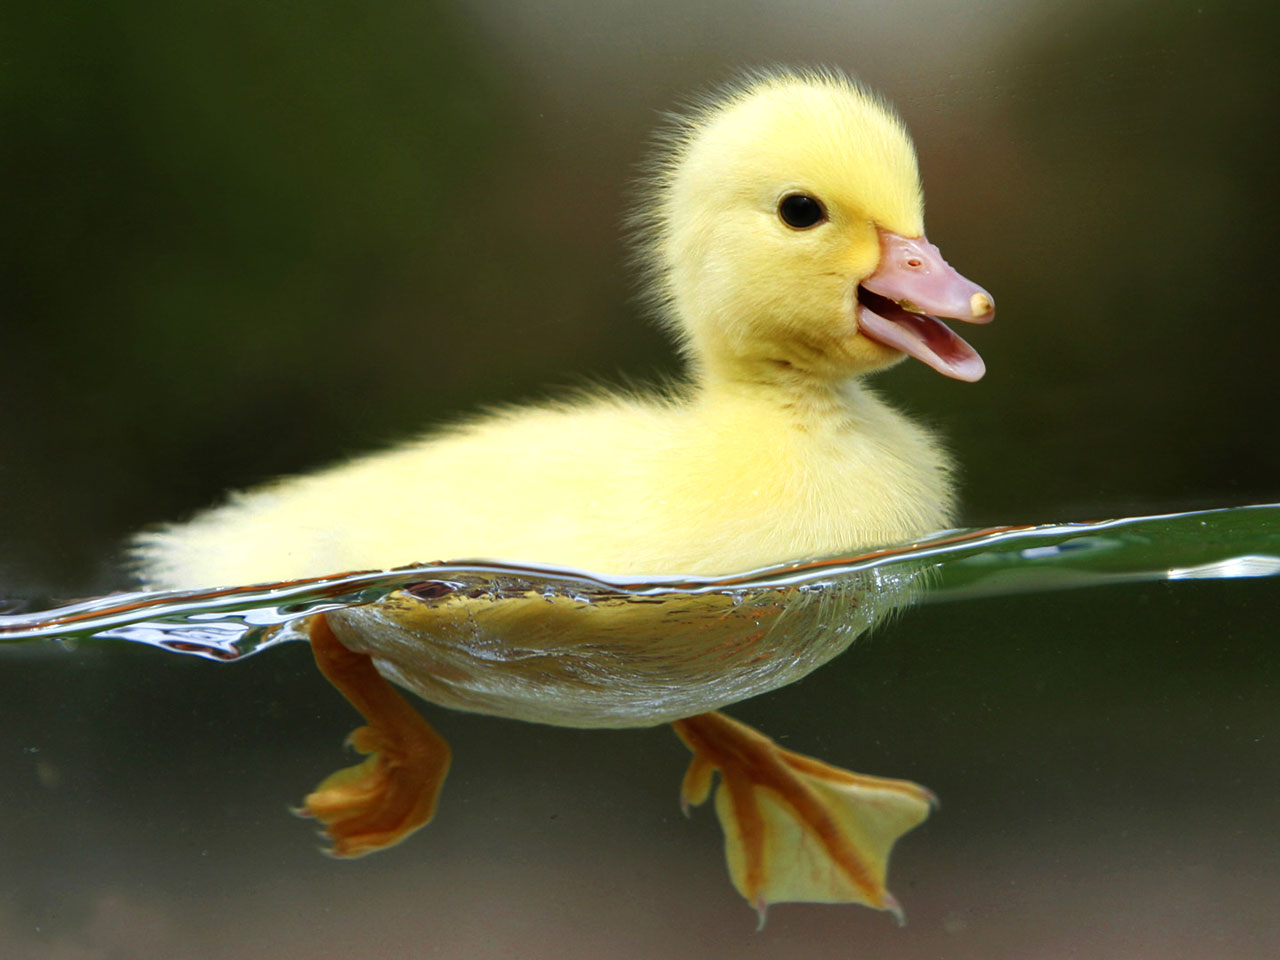 http://3.bp.blogspot.com/--RSpXhFWtuM/UAwCEhhUlyI/AAAAAAAAFbk/-A5g-CYB-K4/s1600/Duck-HD-Wallpaper.jpg